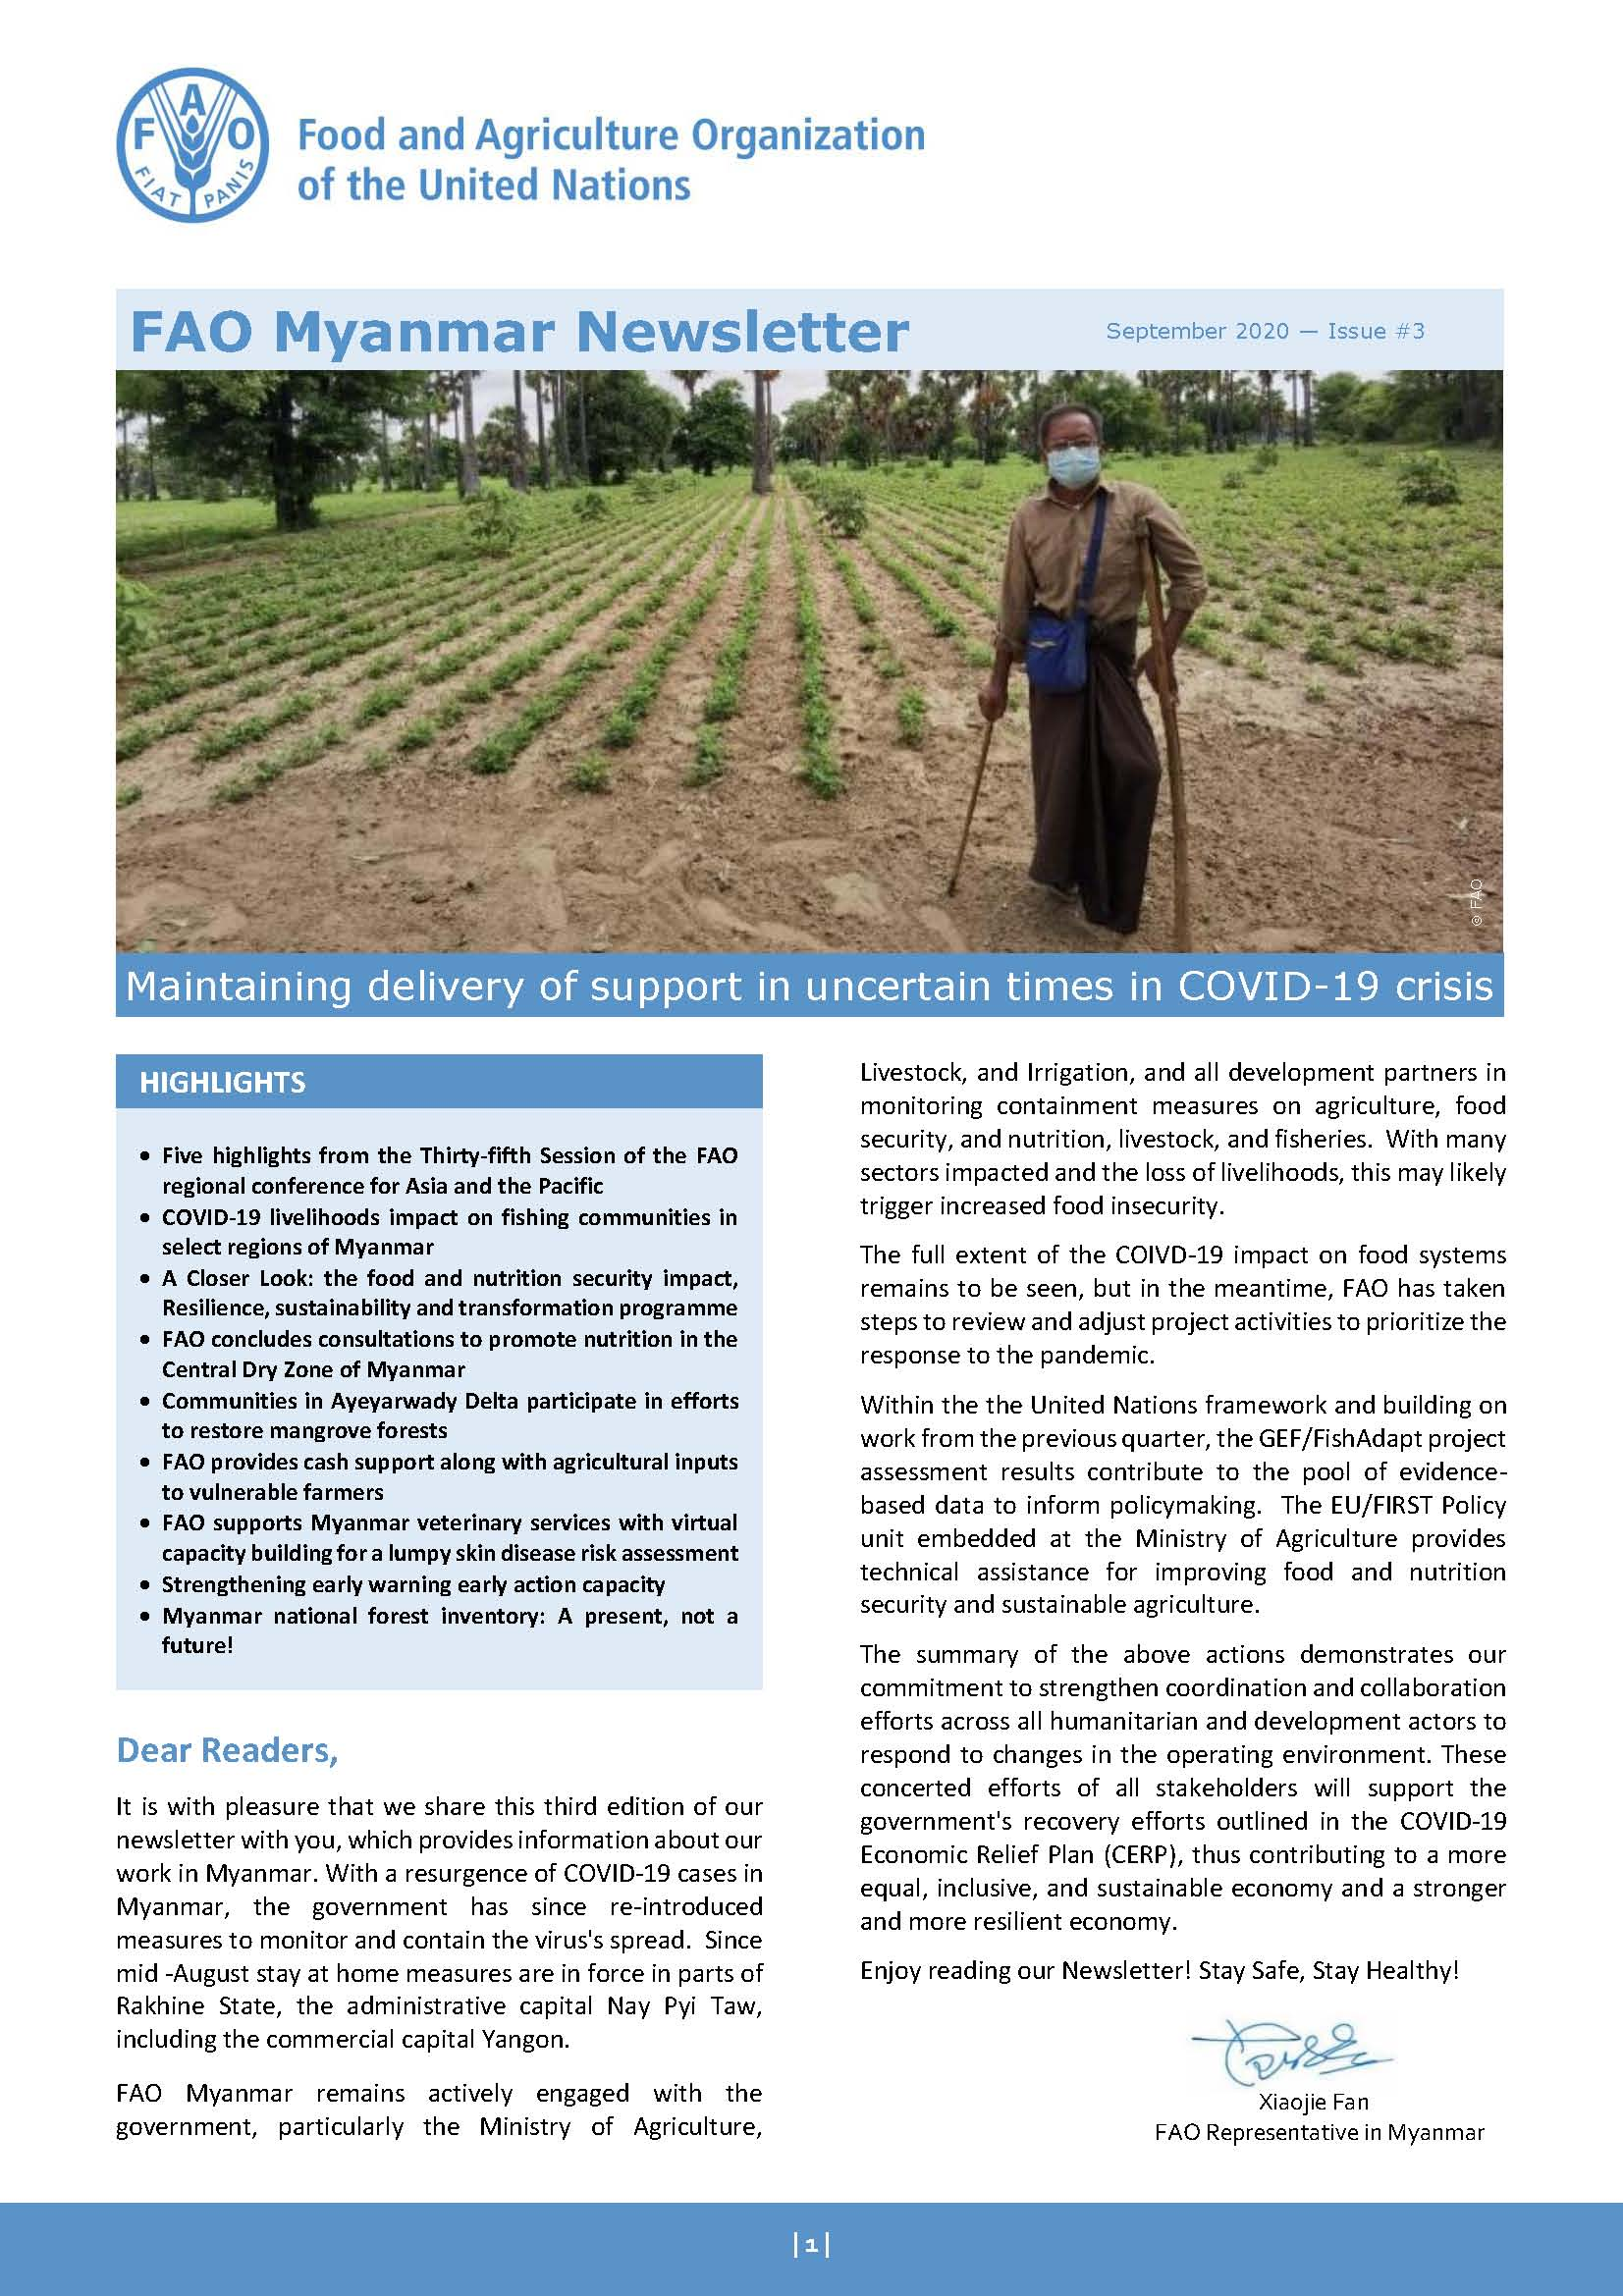 FAO Myanmar Newsletter  September 2020 - Issue #3